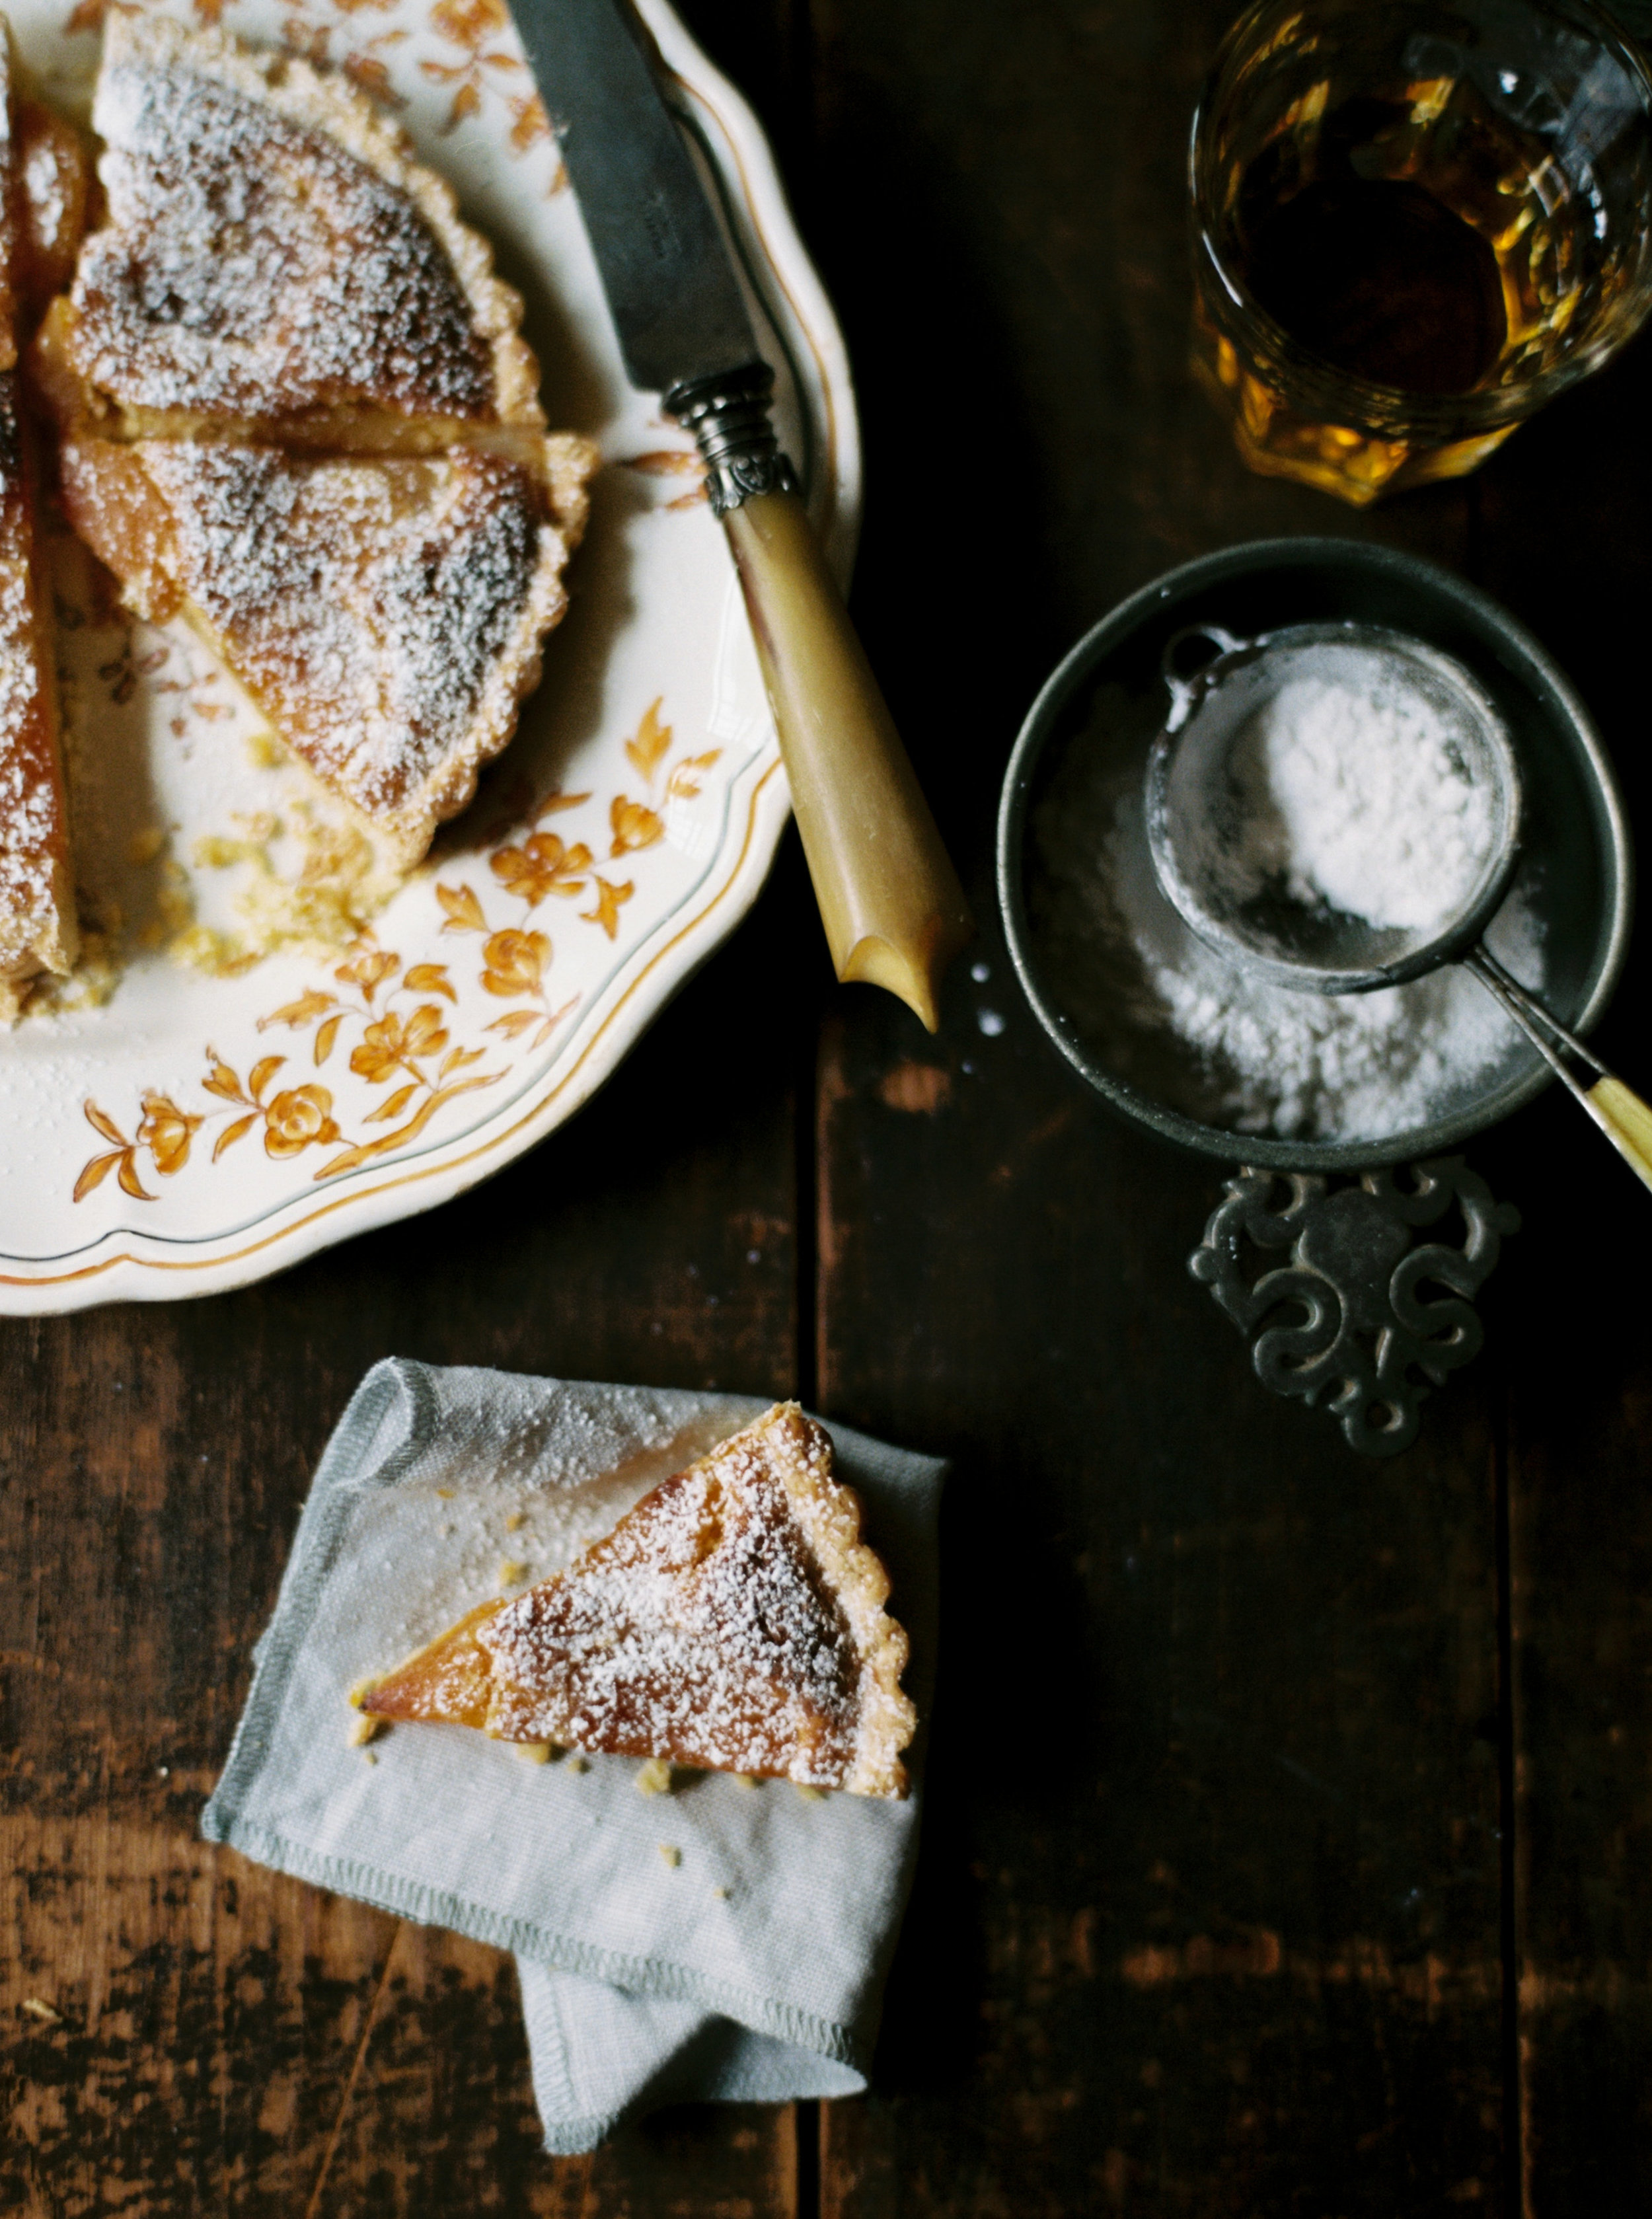 catrine-kelty-gabriella-riggieri-uncommon-feasts-linen-napkin-fall-almond-tart-recipe-boston-everyday-co